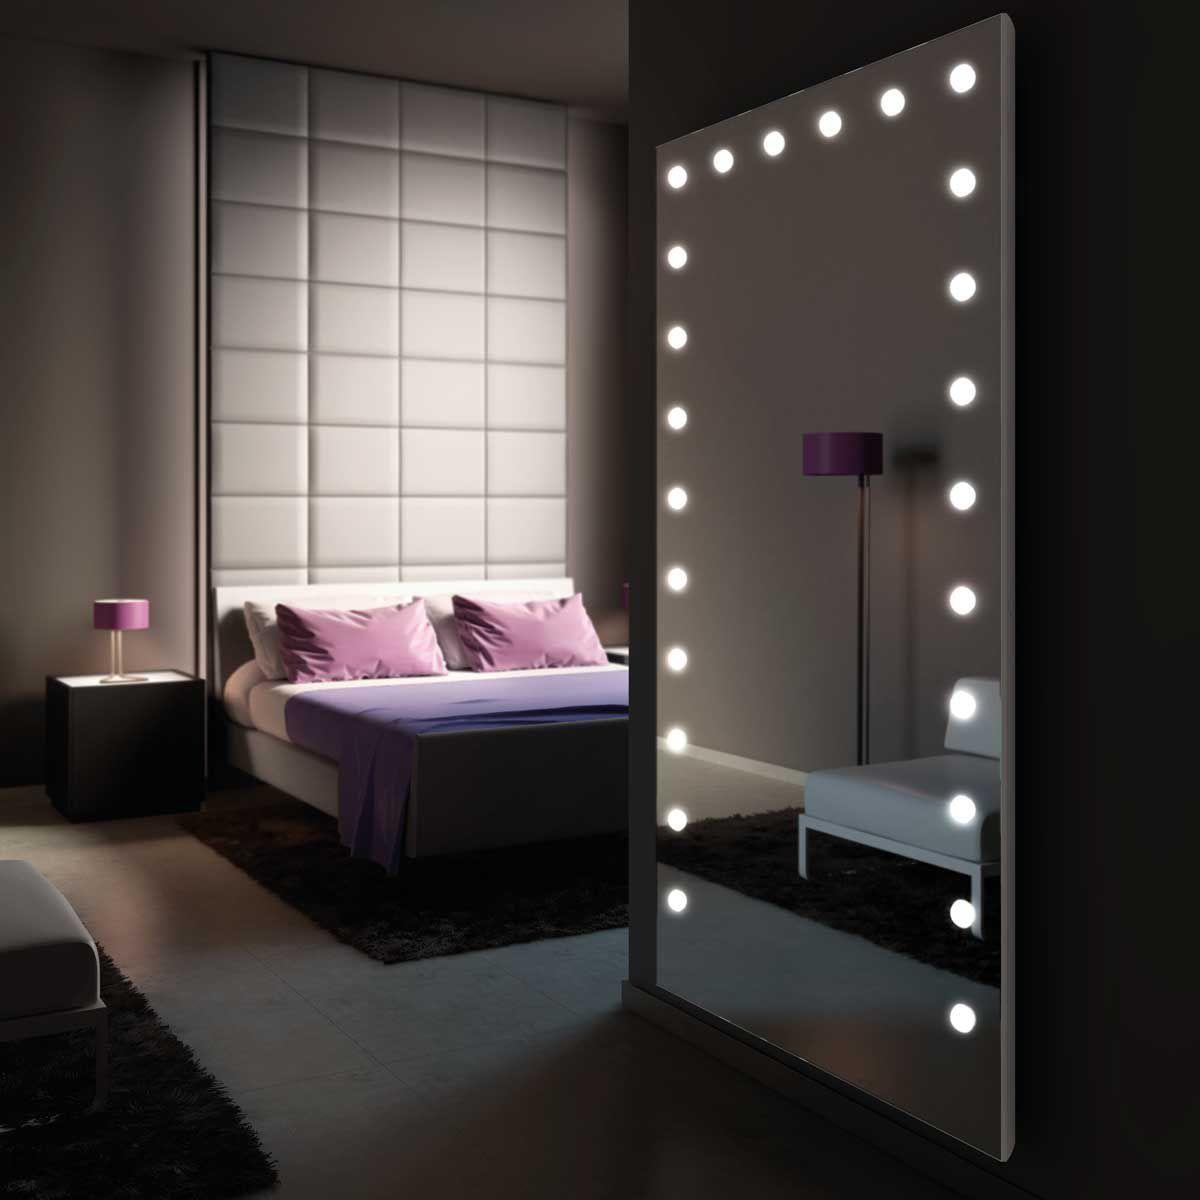 Letto Da Muro.Specchio A Muro Luminoso Da Sala Per Camera Da Letto